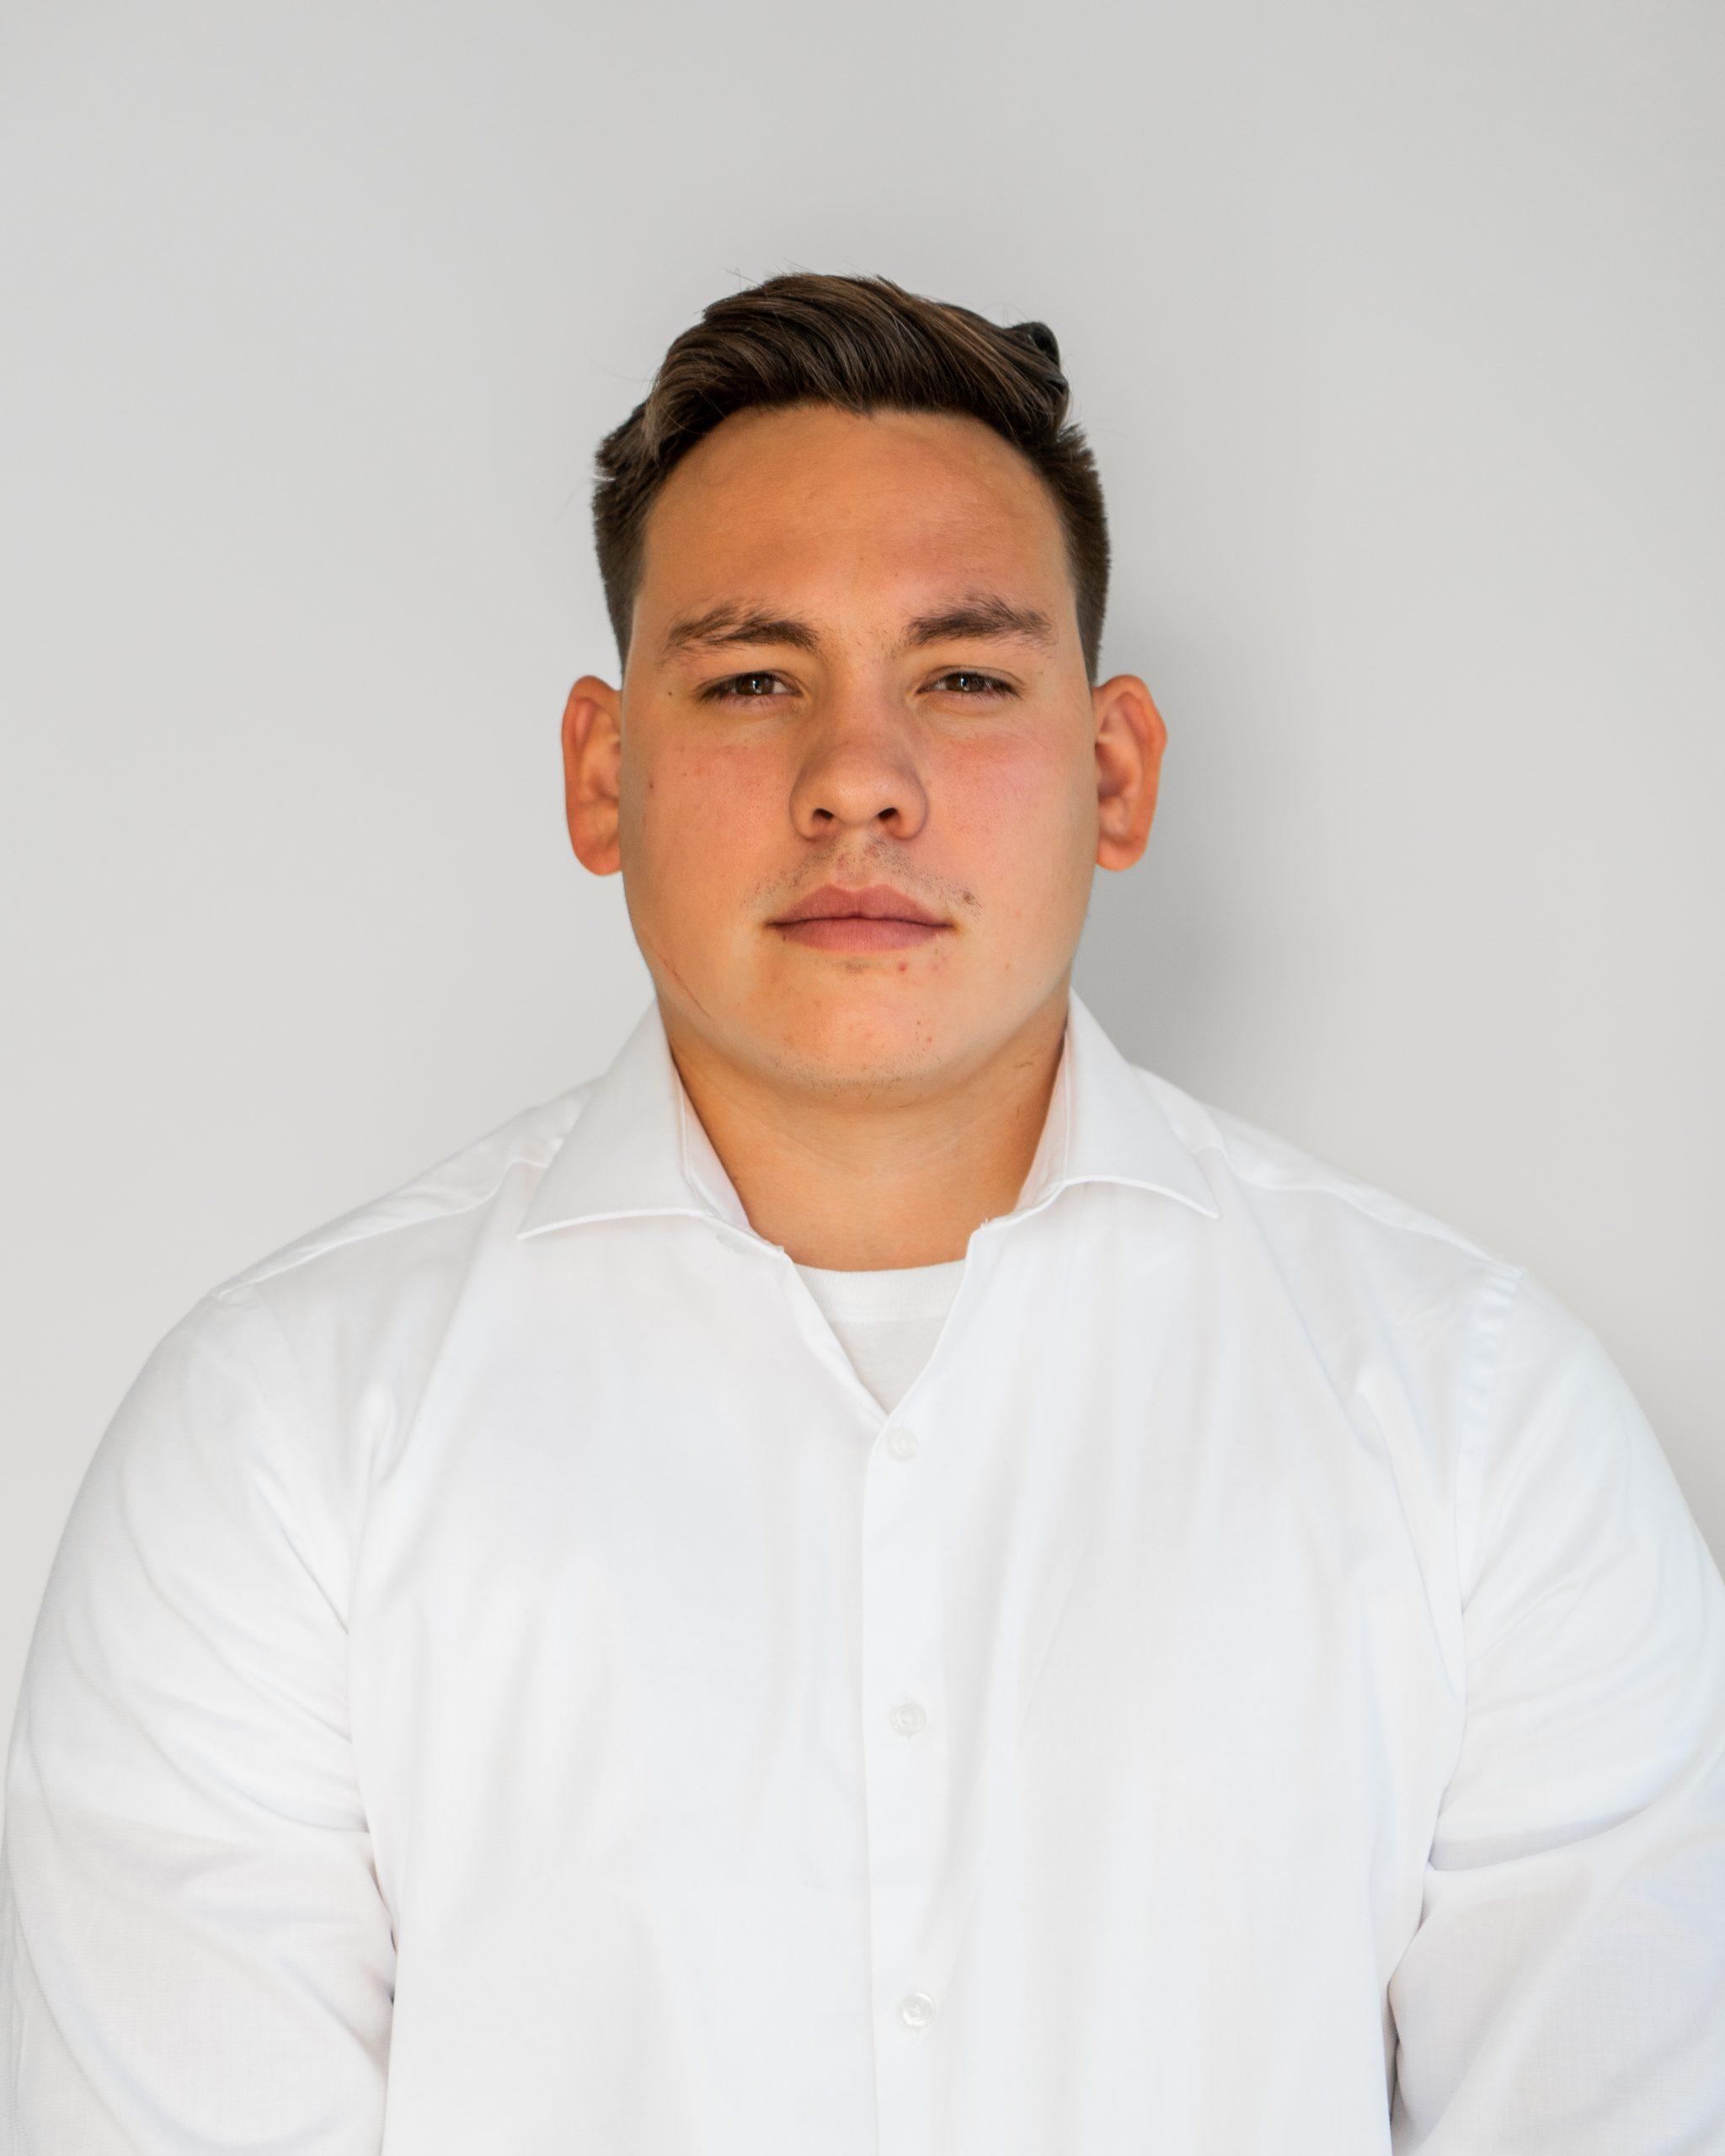 Brandon Salazar